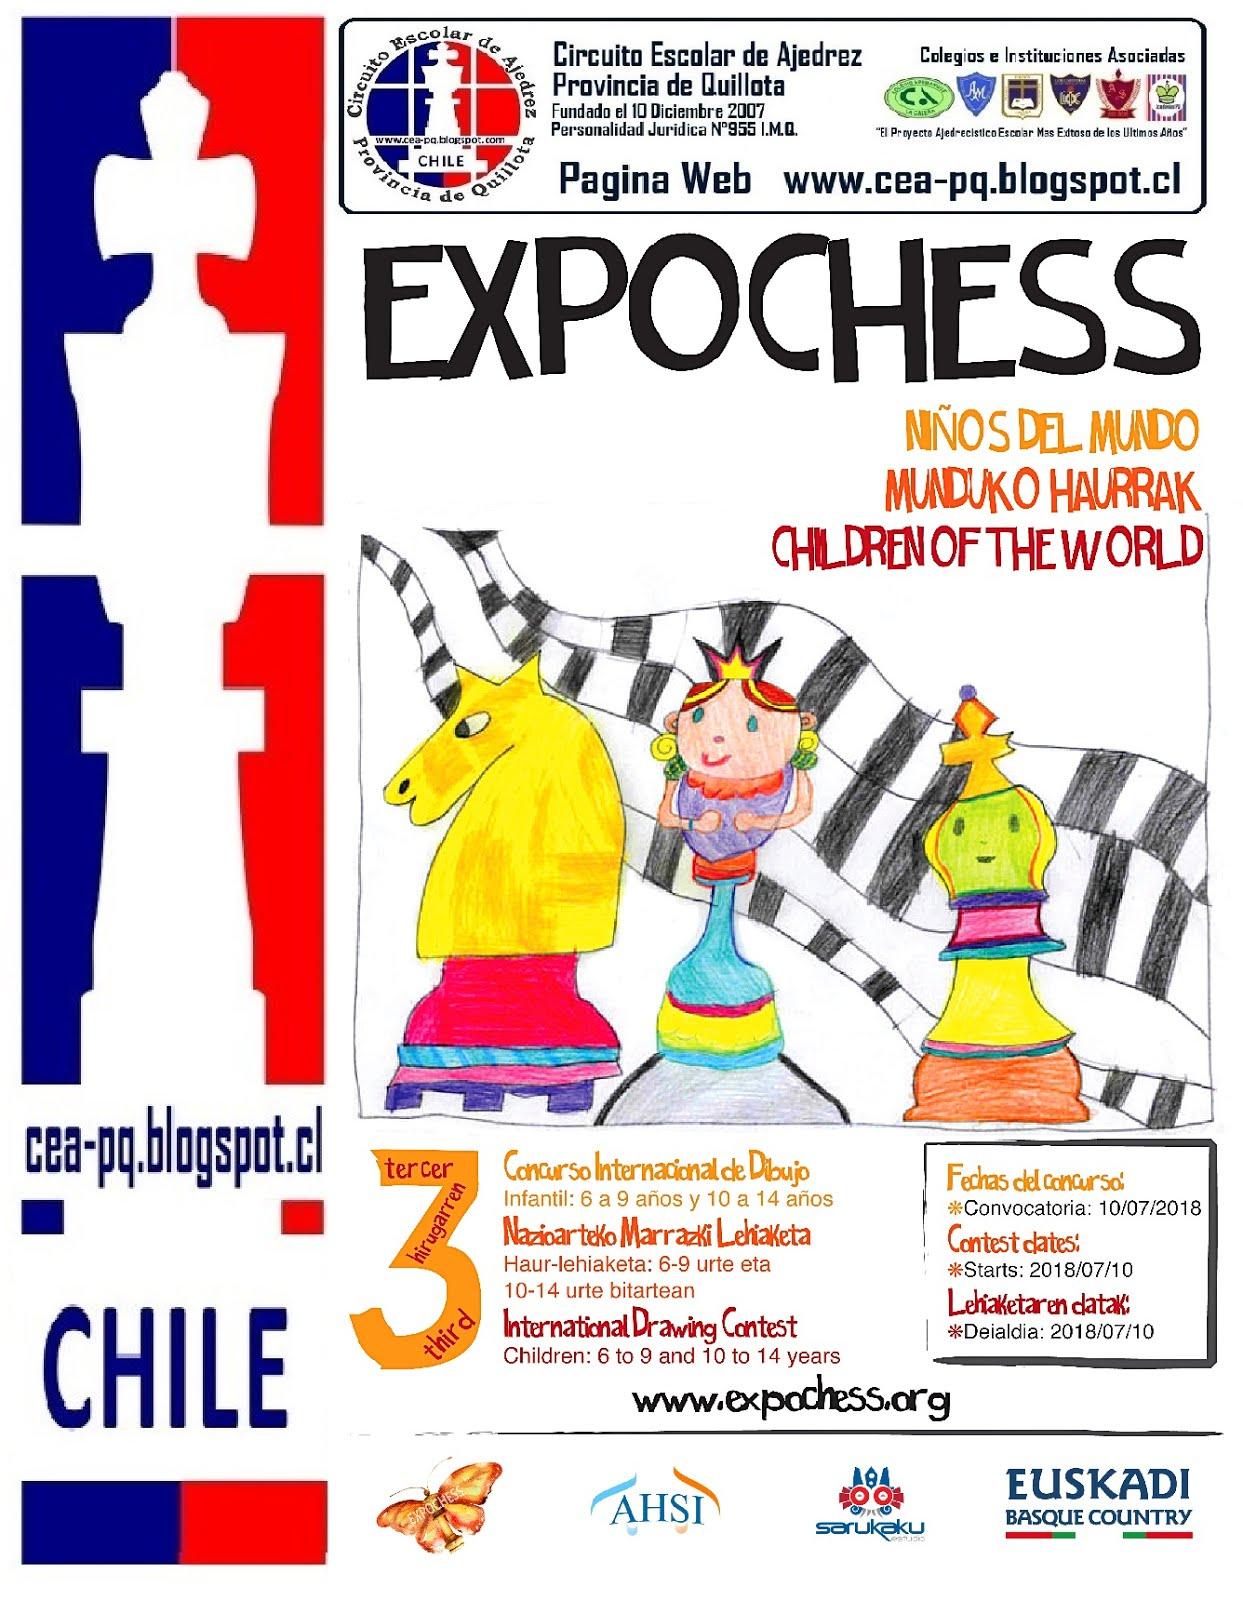 EXPOCHESS NIÑOS EN EL MUNDO